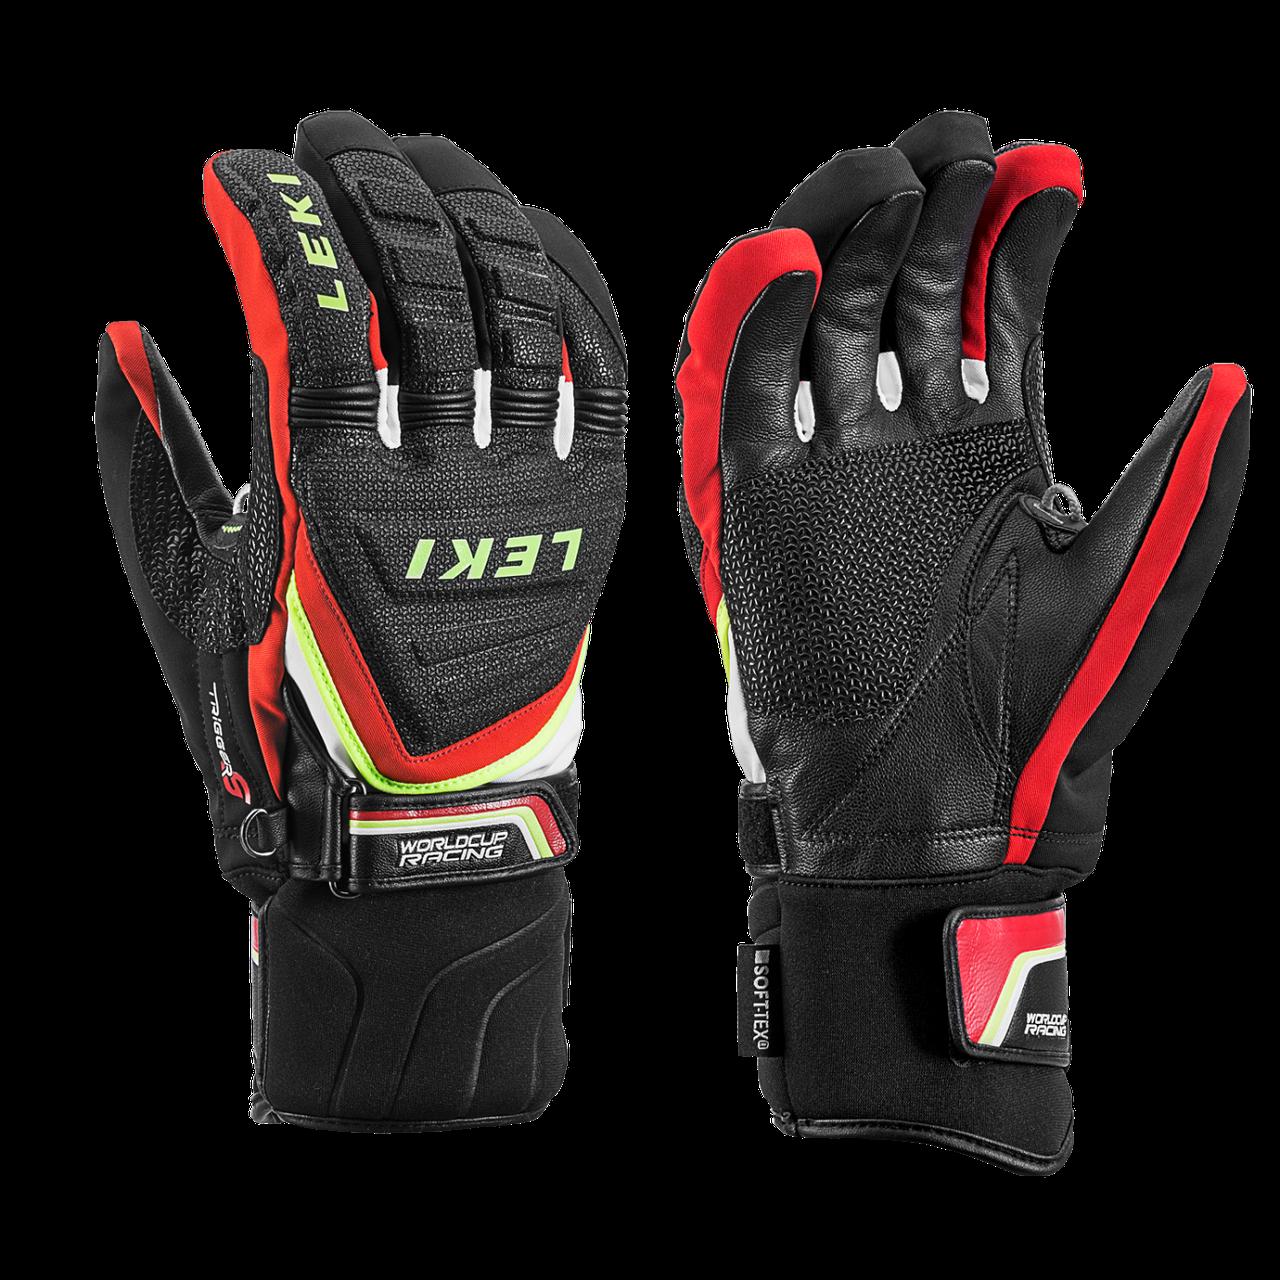 Перчатки для слалома Leki Race Coach C-tech S